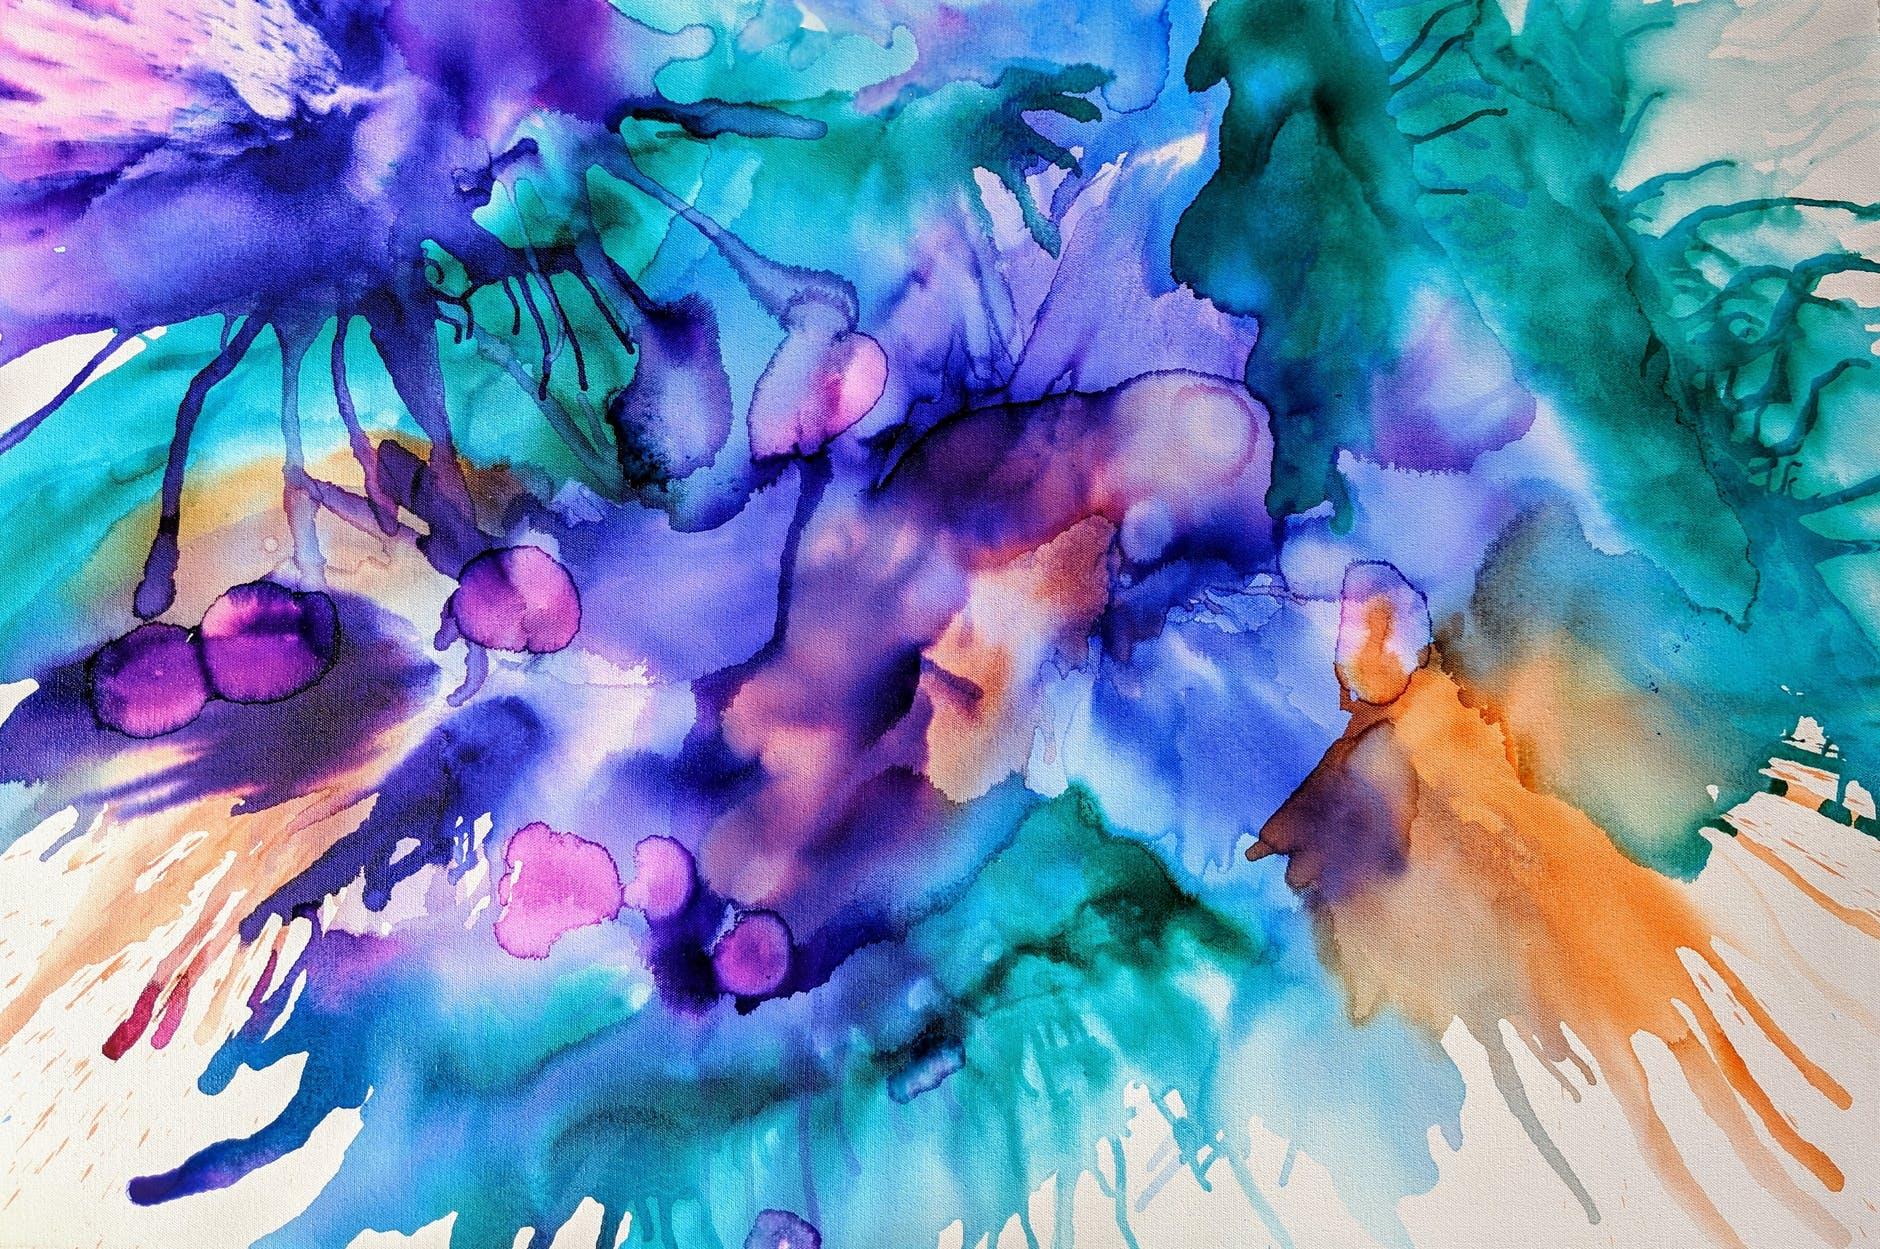 purple and teal splash painting